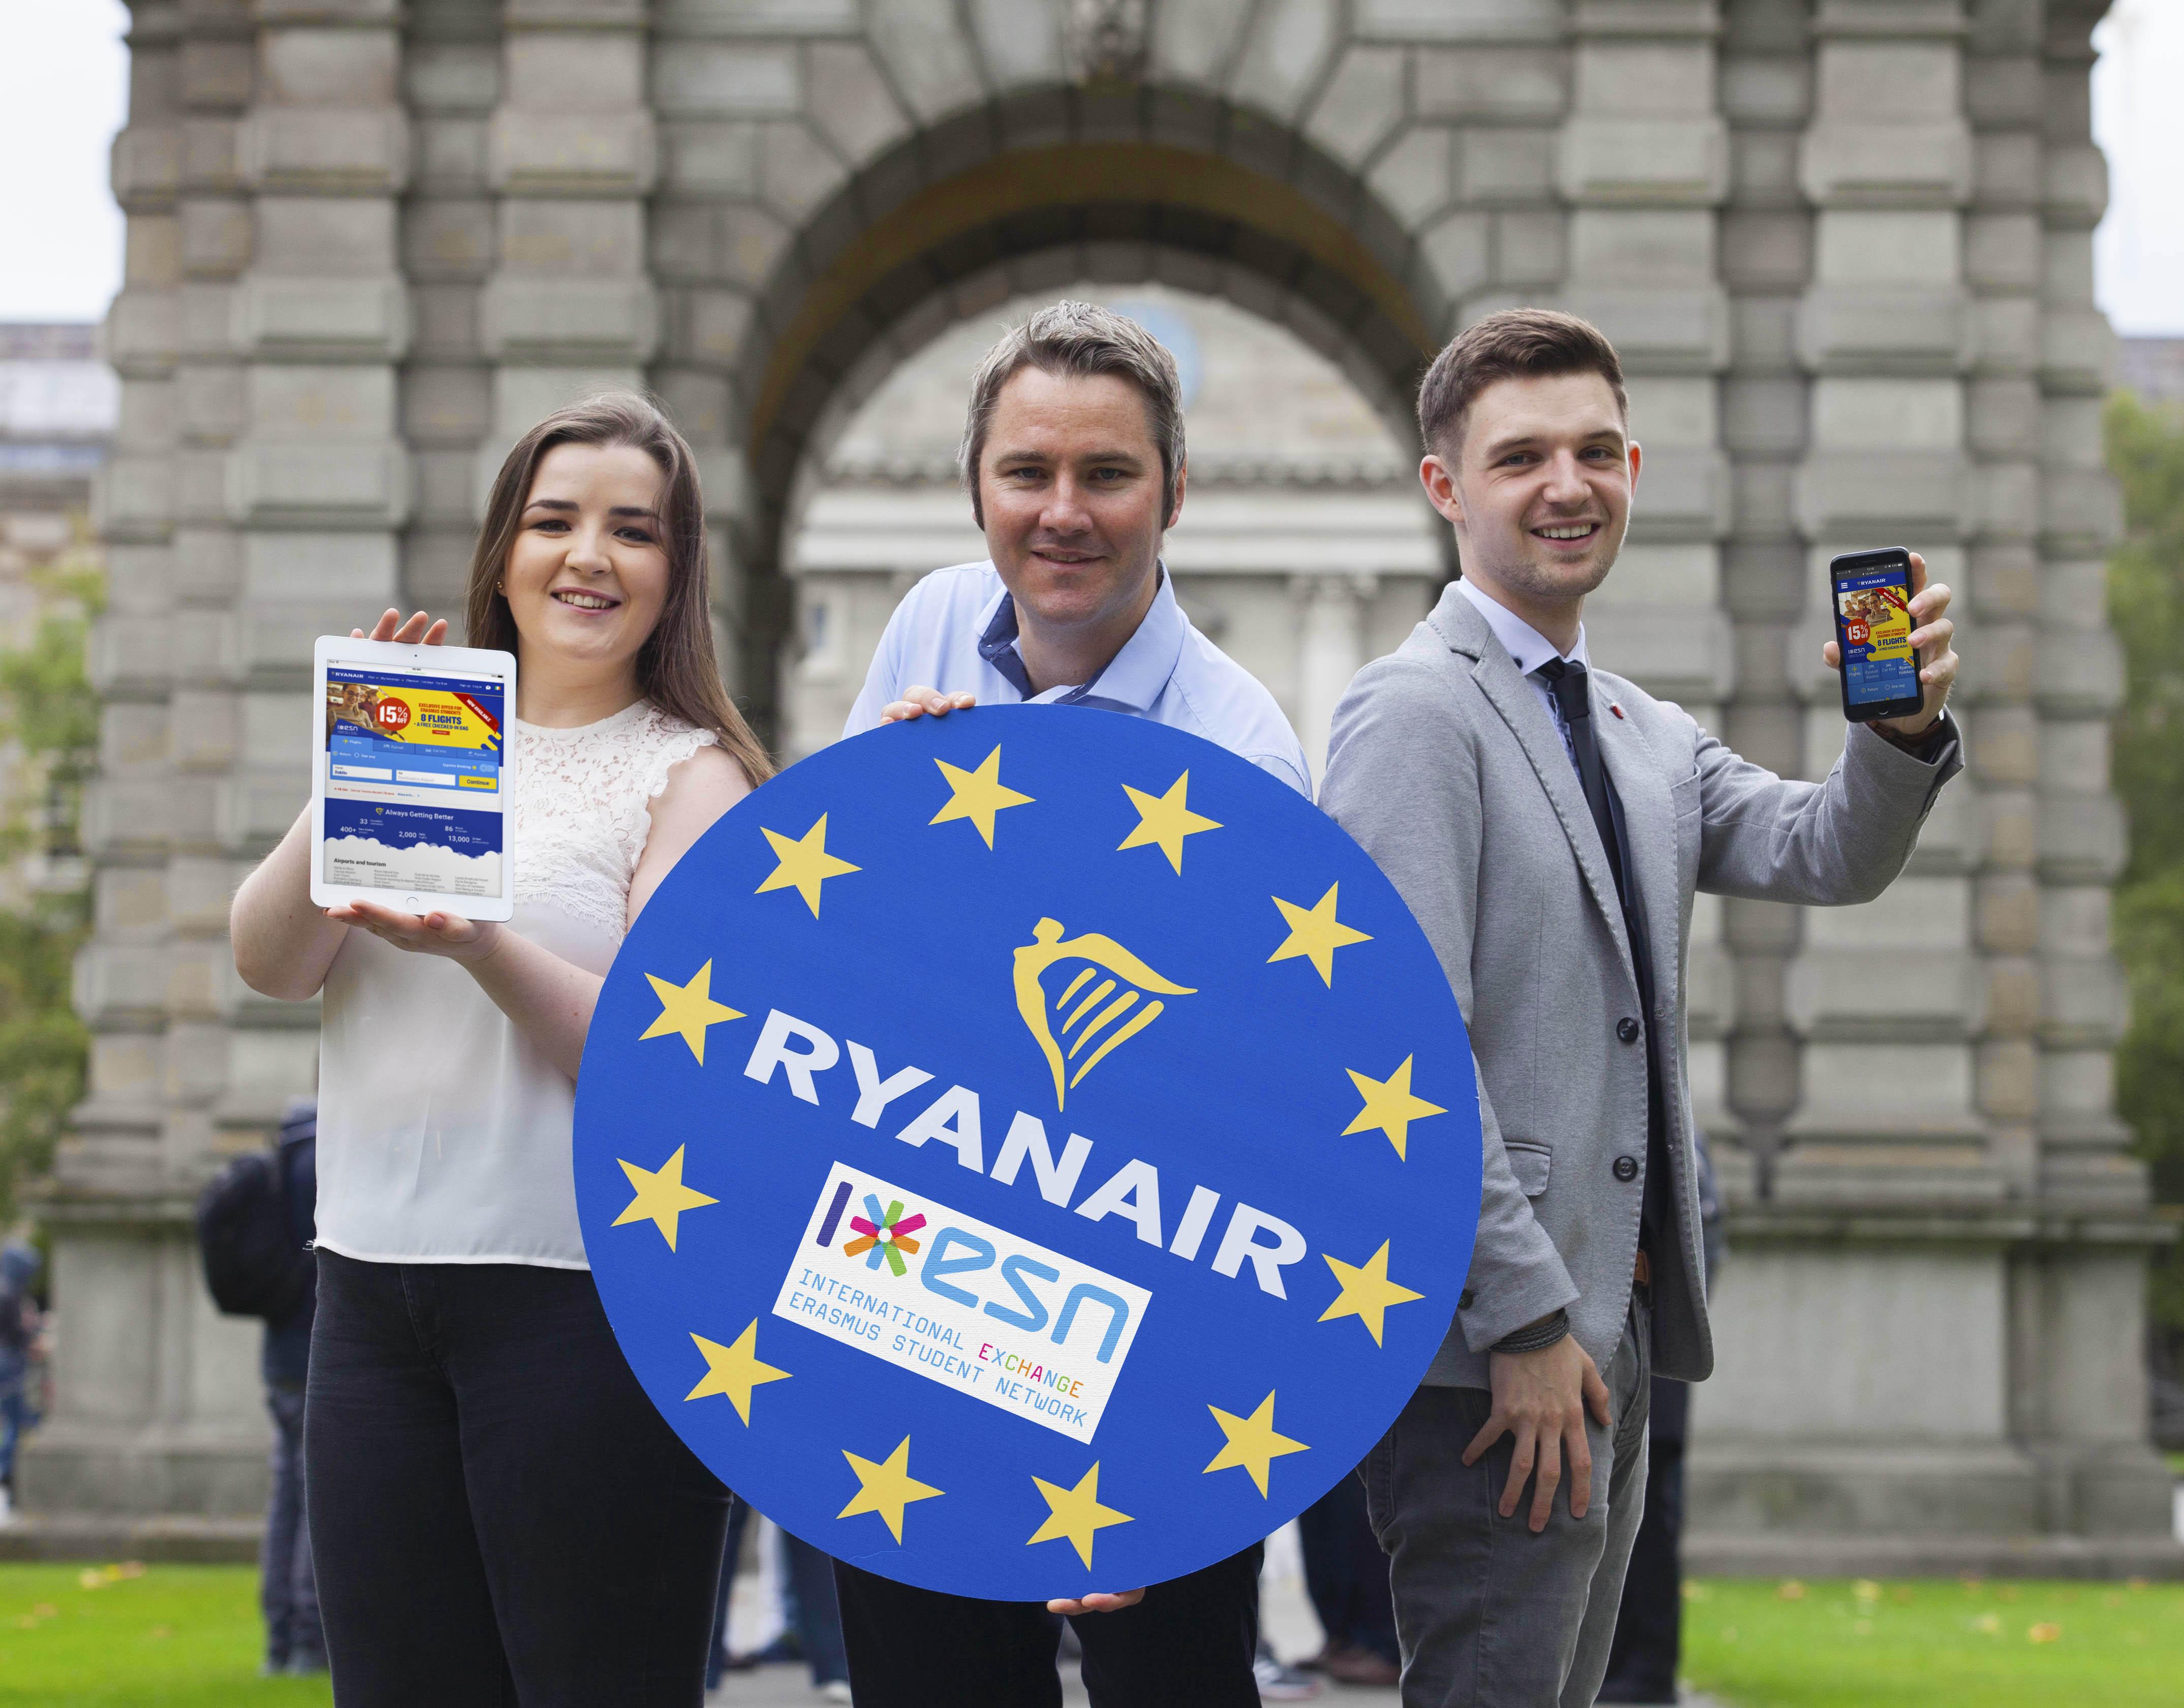 Apresentação da parceira da Ryanair com a ESN em Dublin, na Irlanda.